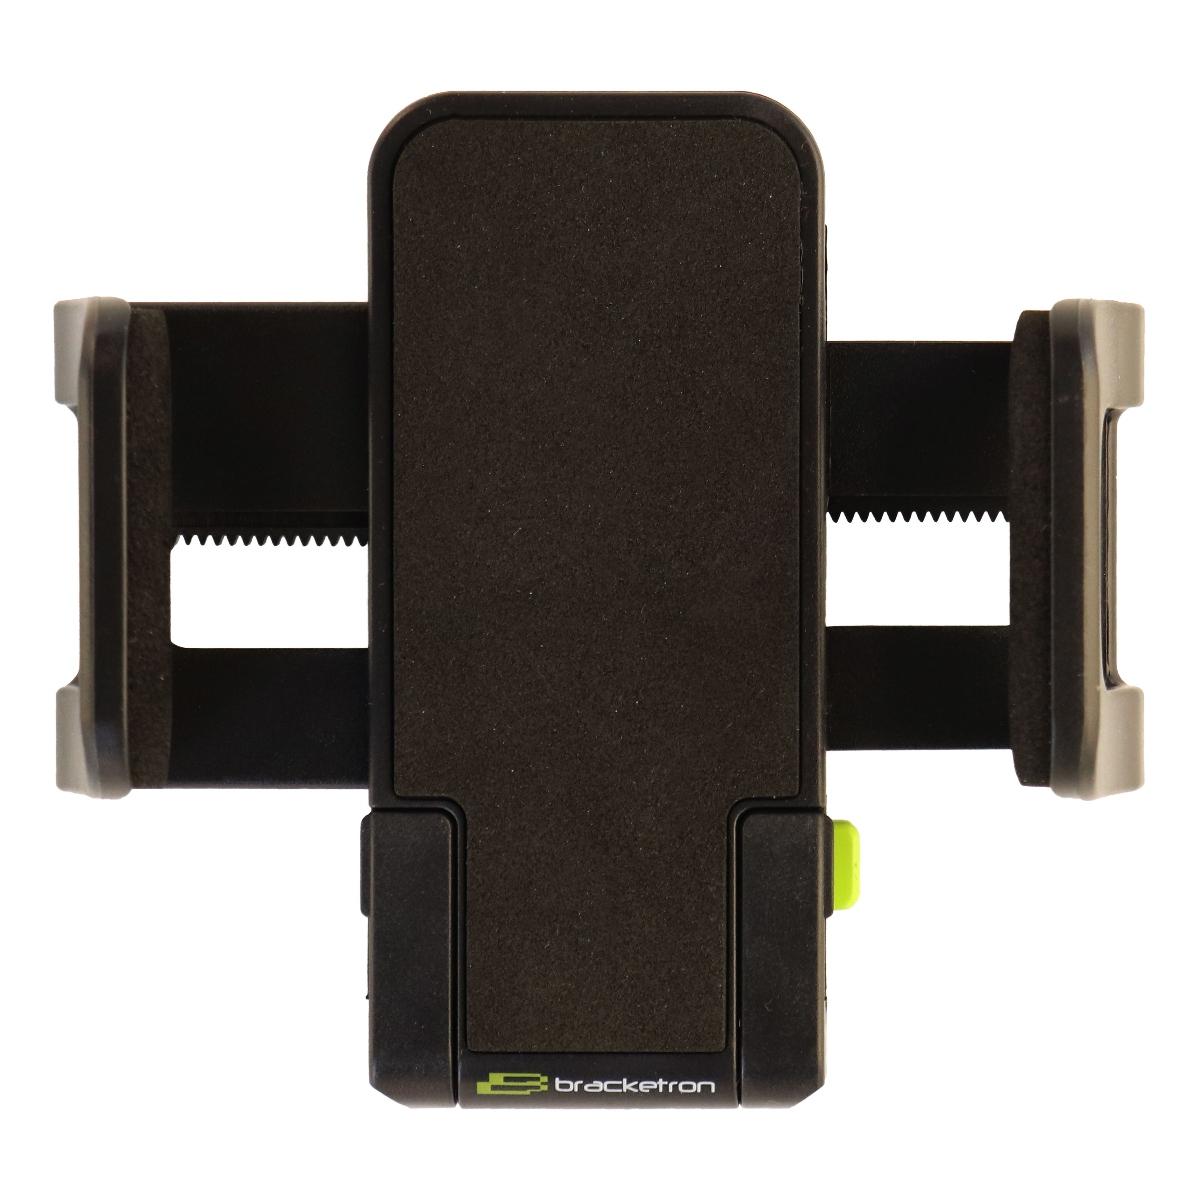 Bracketron - TripGrip Car Holder Mount for Mobile Phones - Black